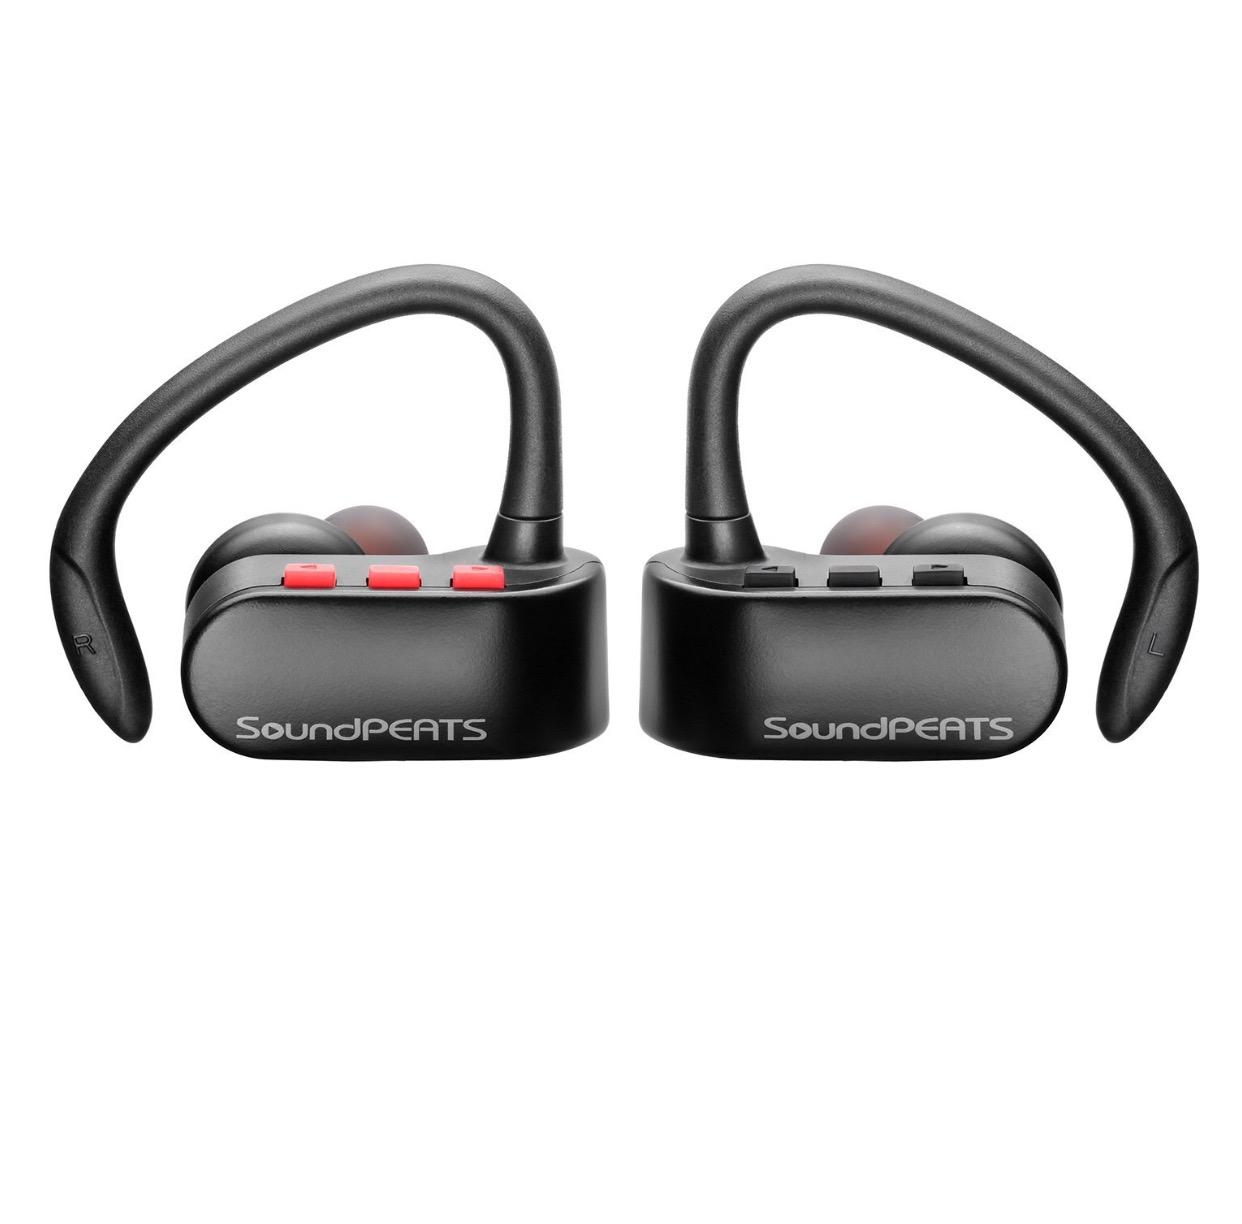 SoundPEATS Q16 Bluetooth Kopfhörer mit Gutschein Code um 10€ günstiger  32,99€ statt 42,99€